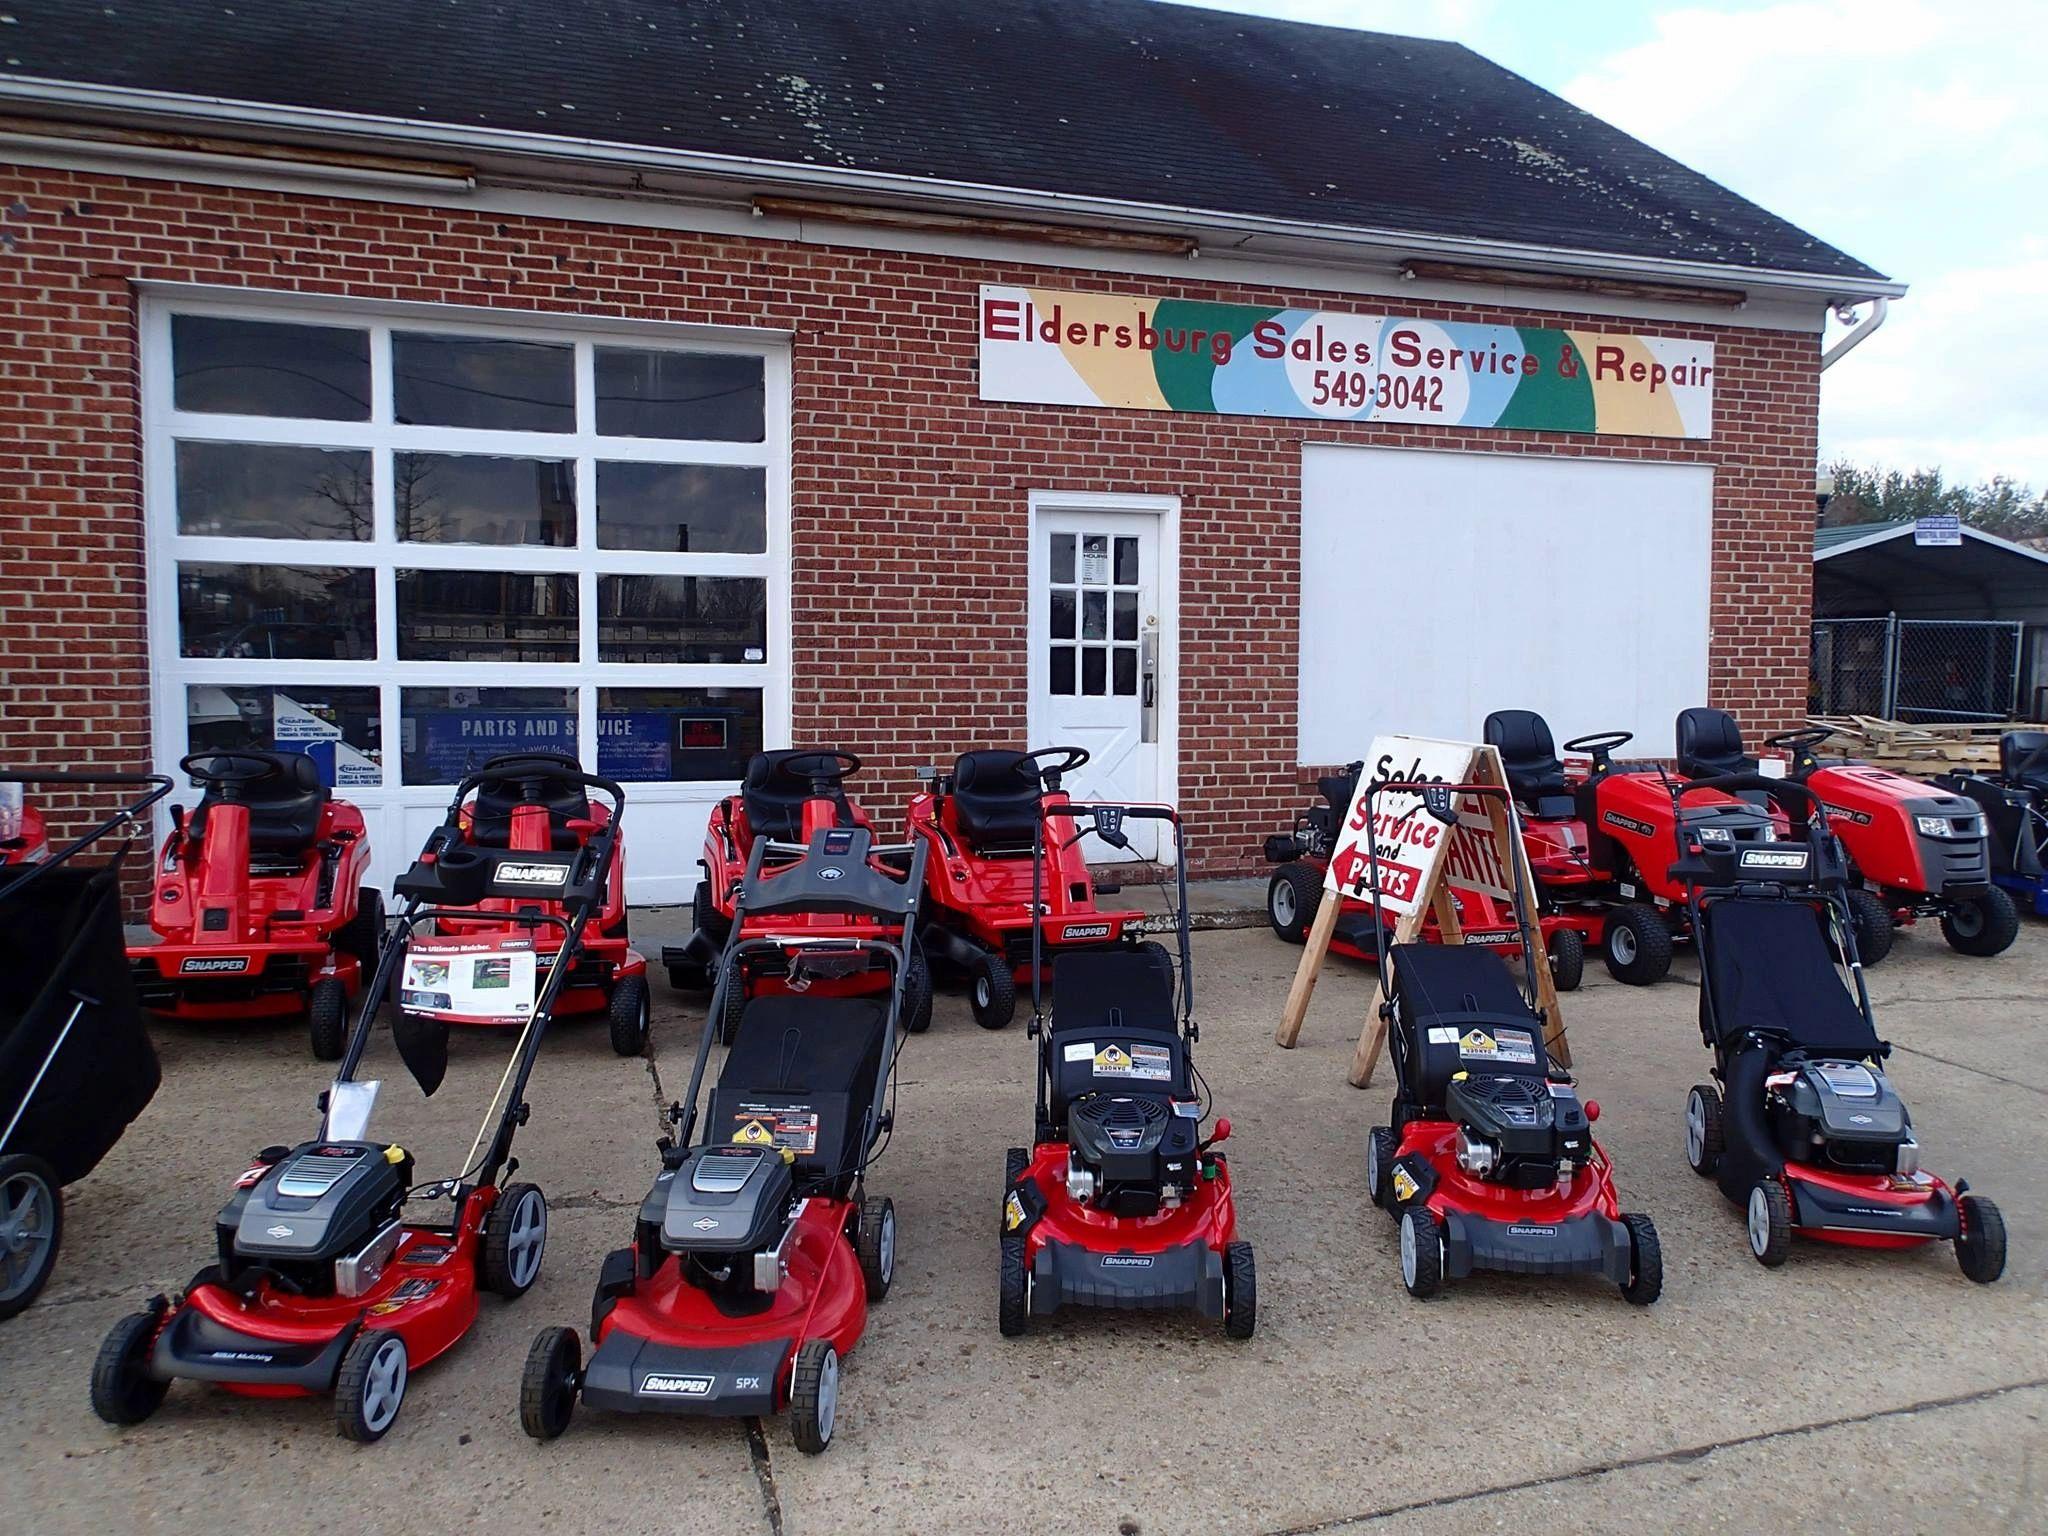 Eldersburg Lawn Mower Repair - Small Engine Repair and Parts